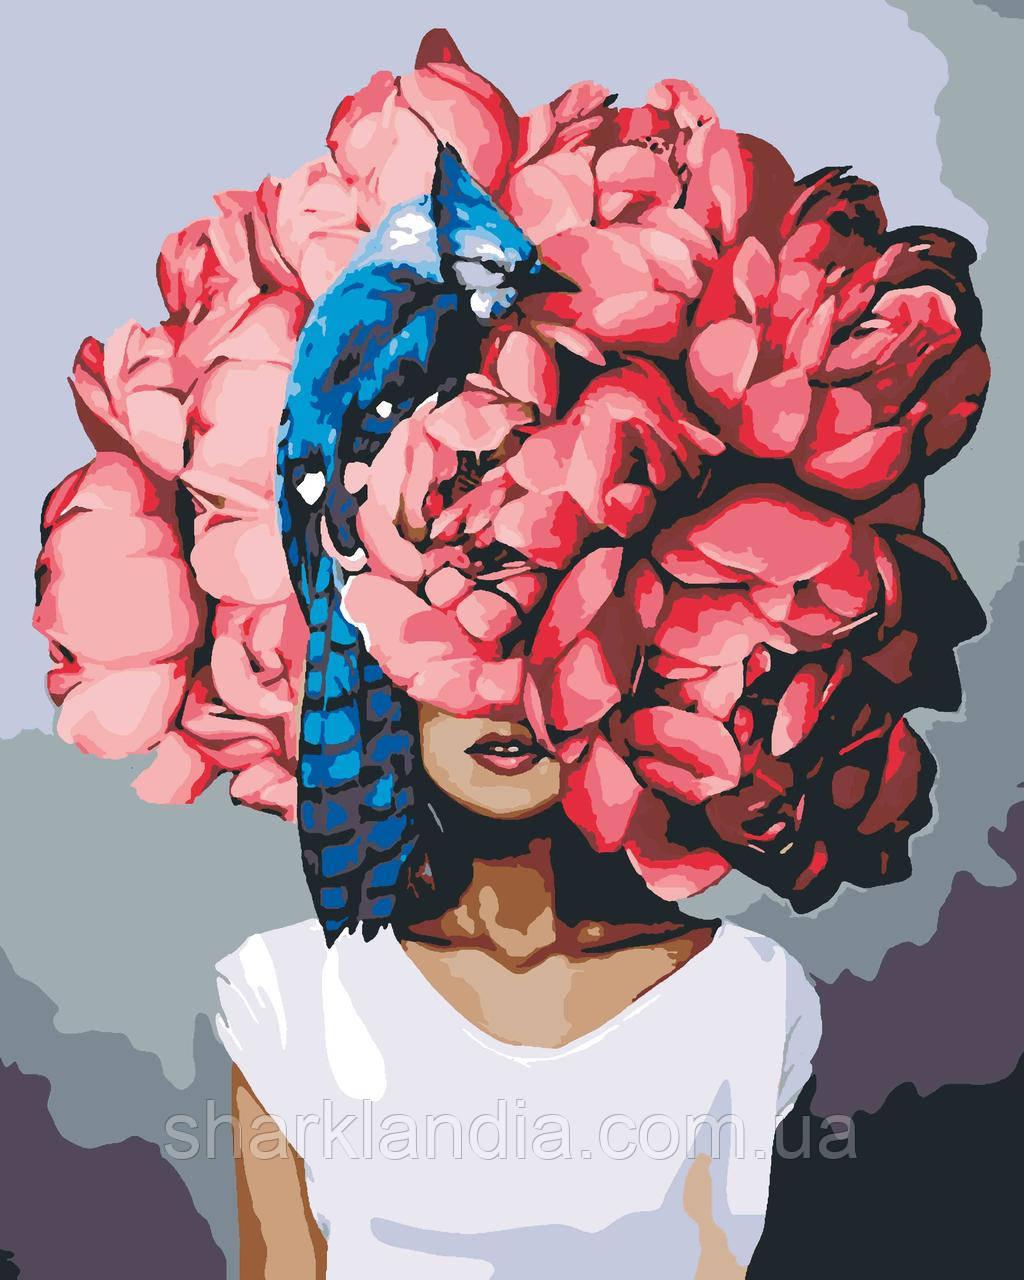 Картина по номерам Пионы Эми Джадд (цветной холст) 40*50см Барви Девушка с пионами